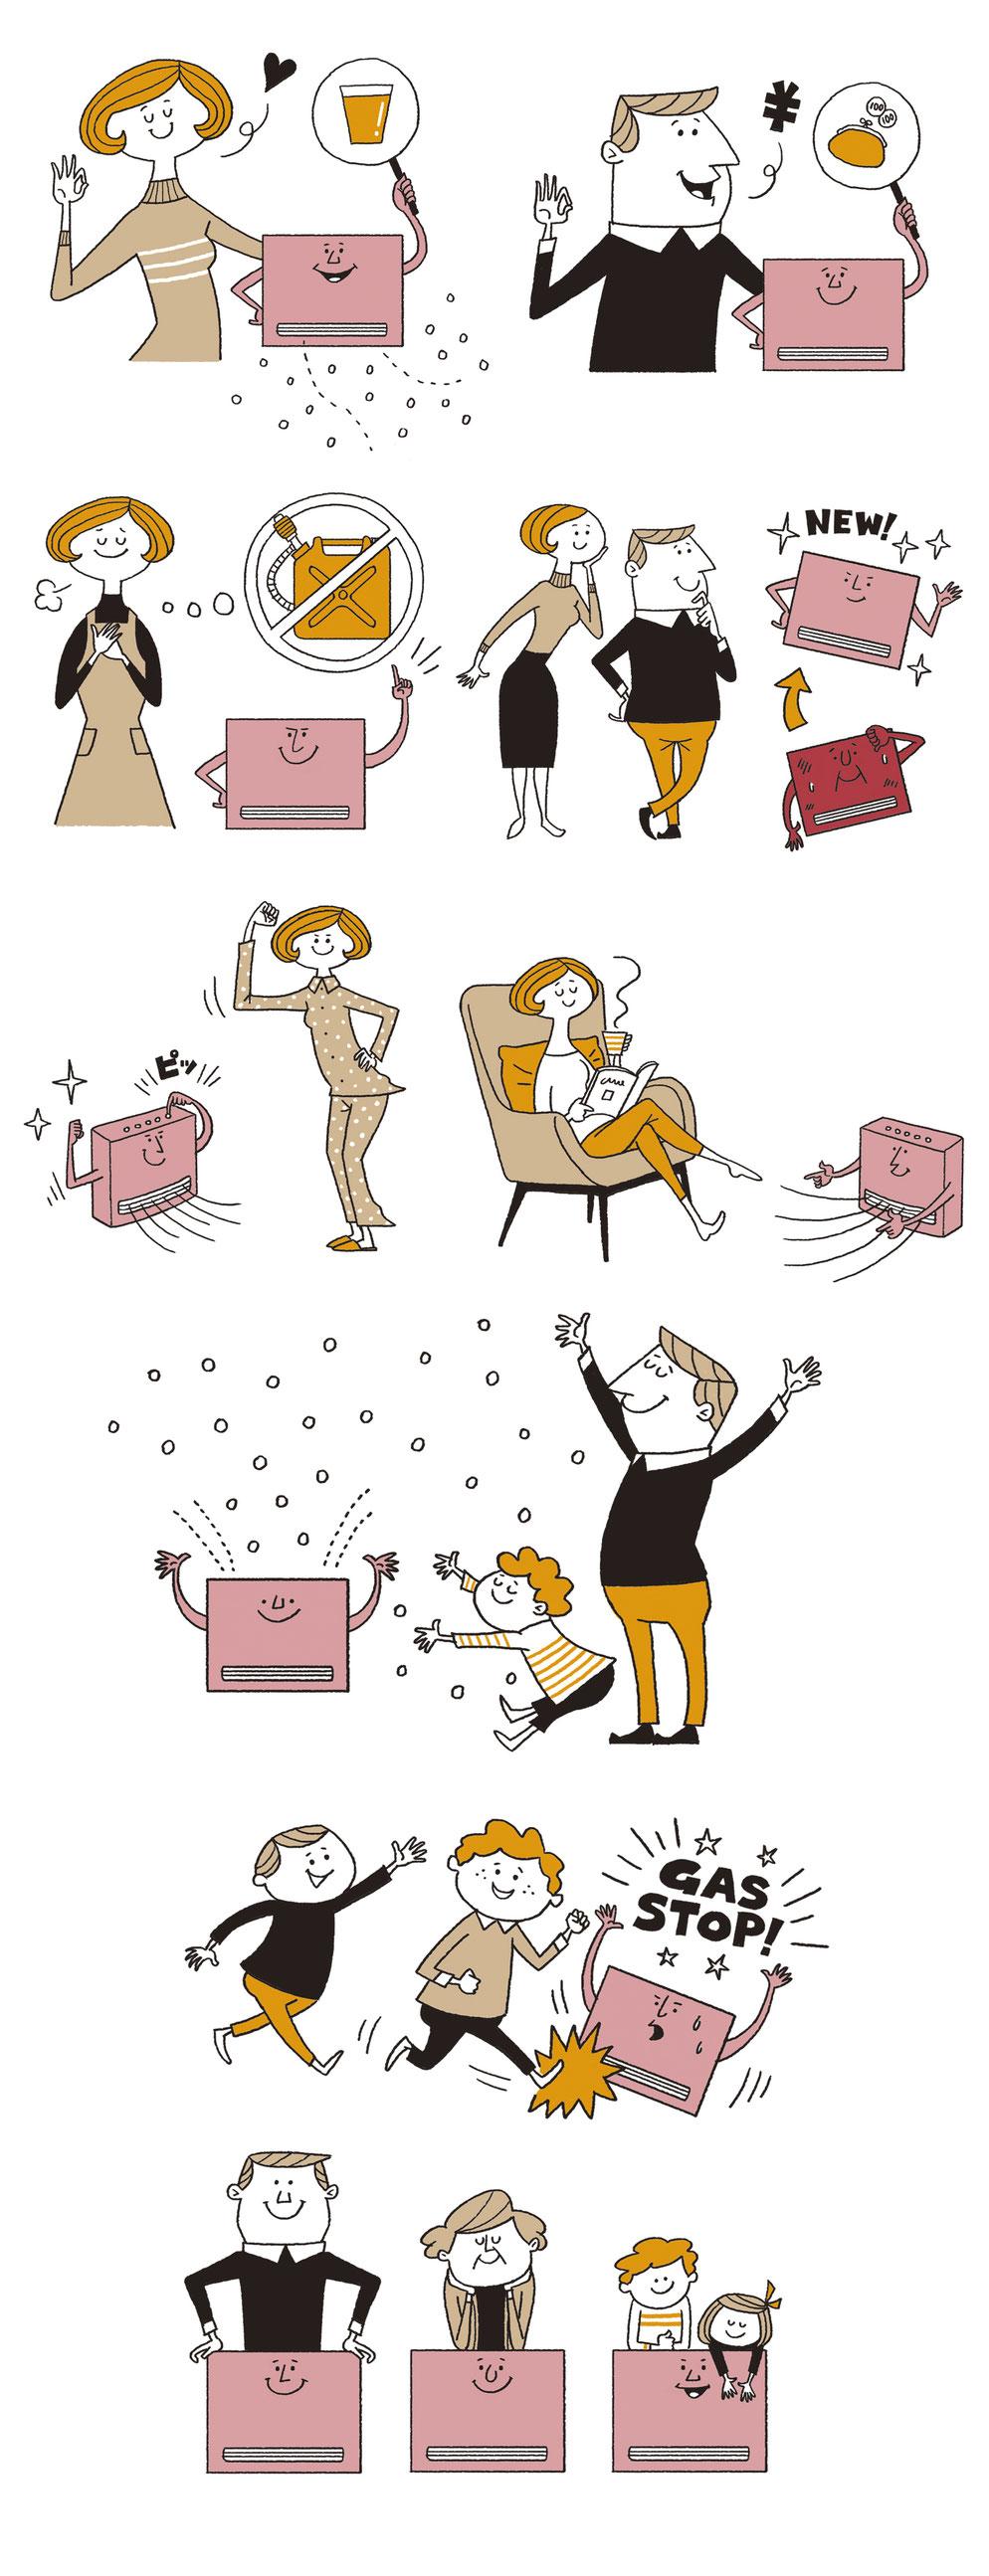 ガスファンヒーターと家族の暮らしのイラスト